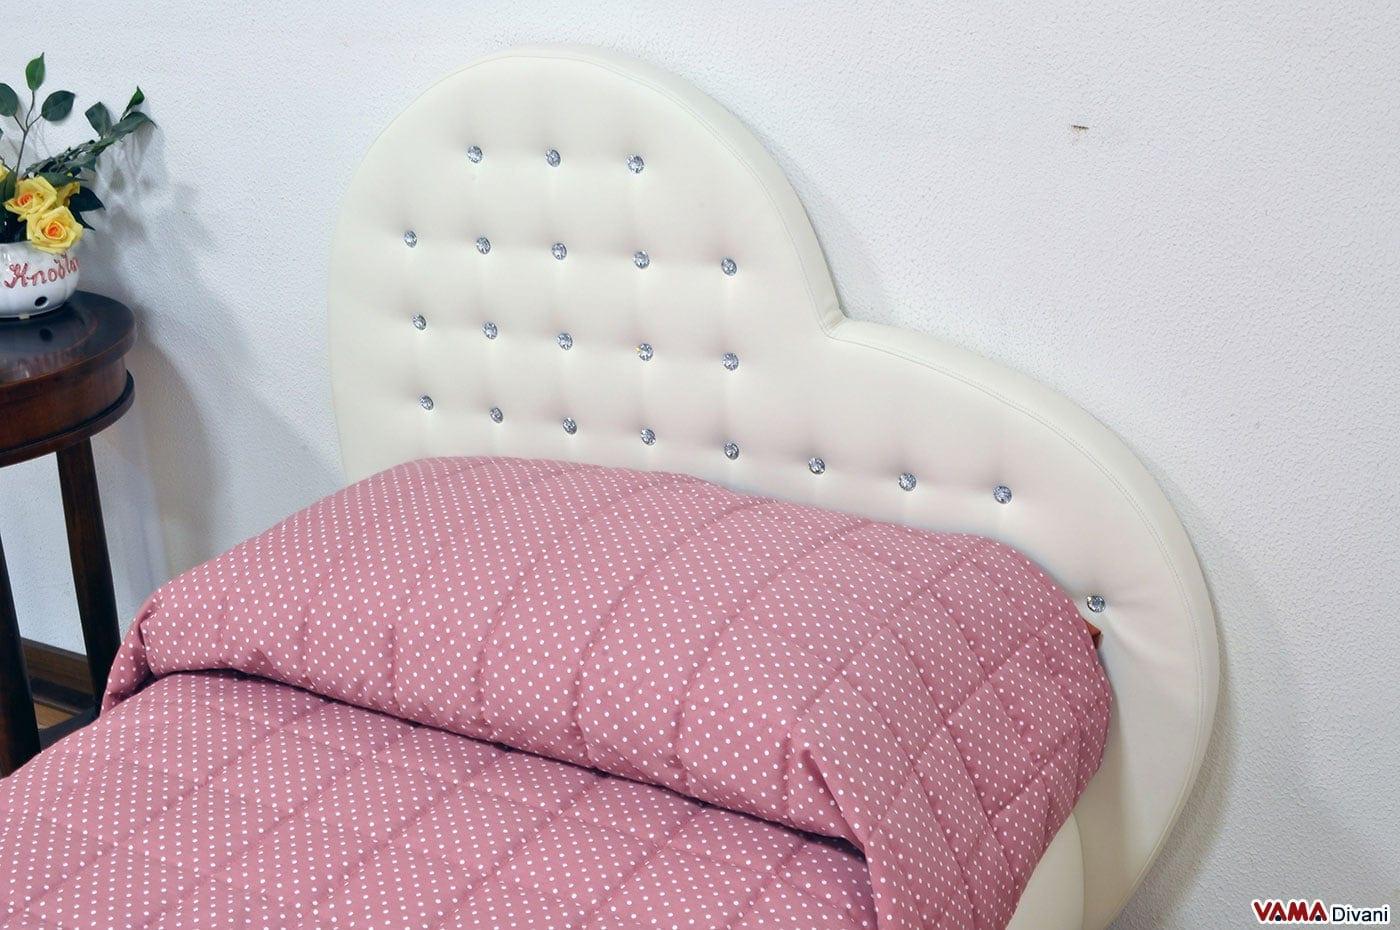 Un Letto Matrimoniale Alla Francese : Letto a forma di cuore vama divani